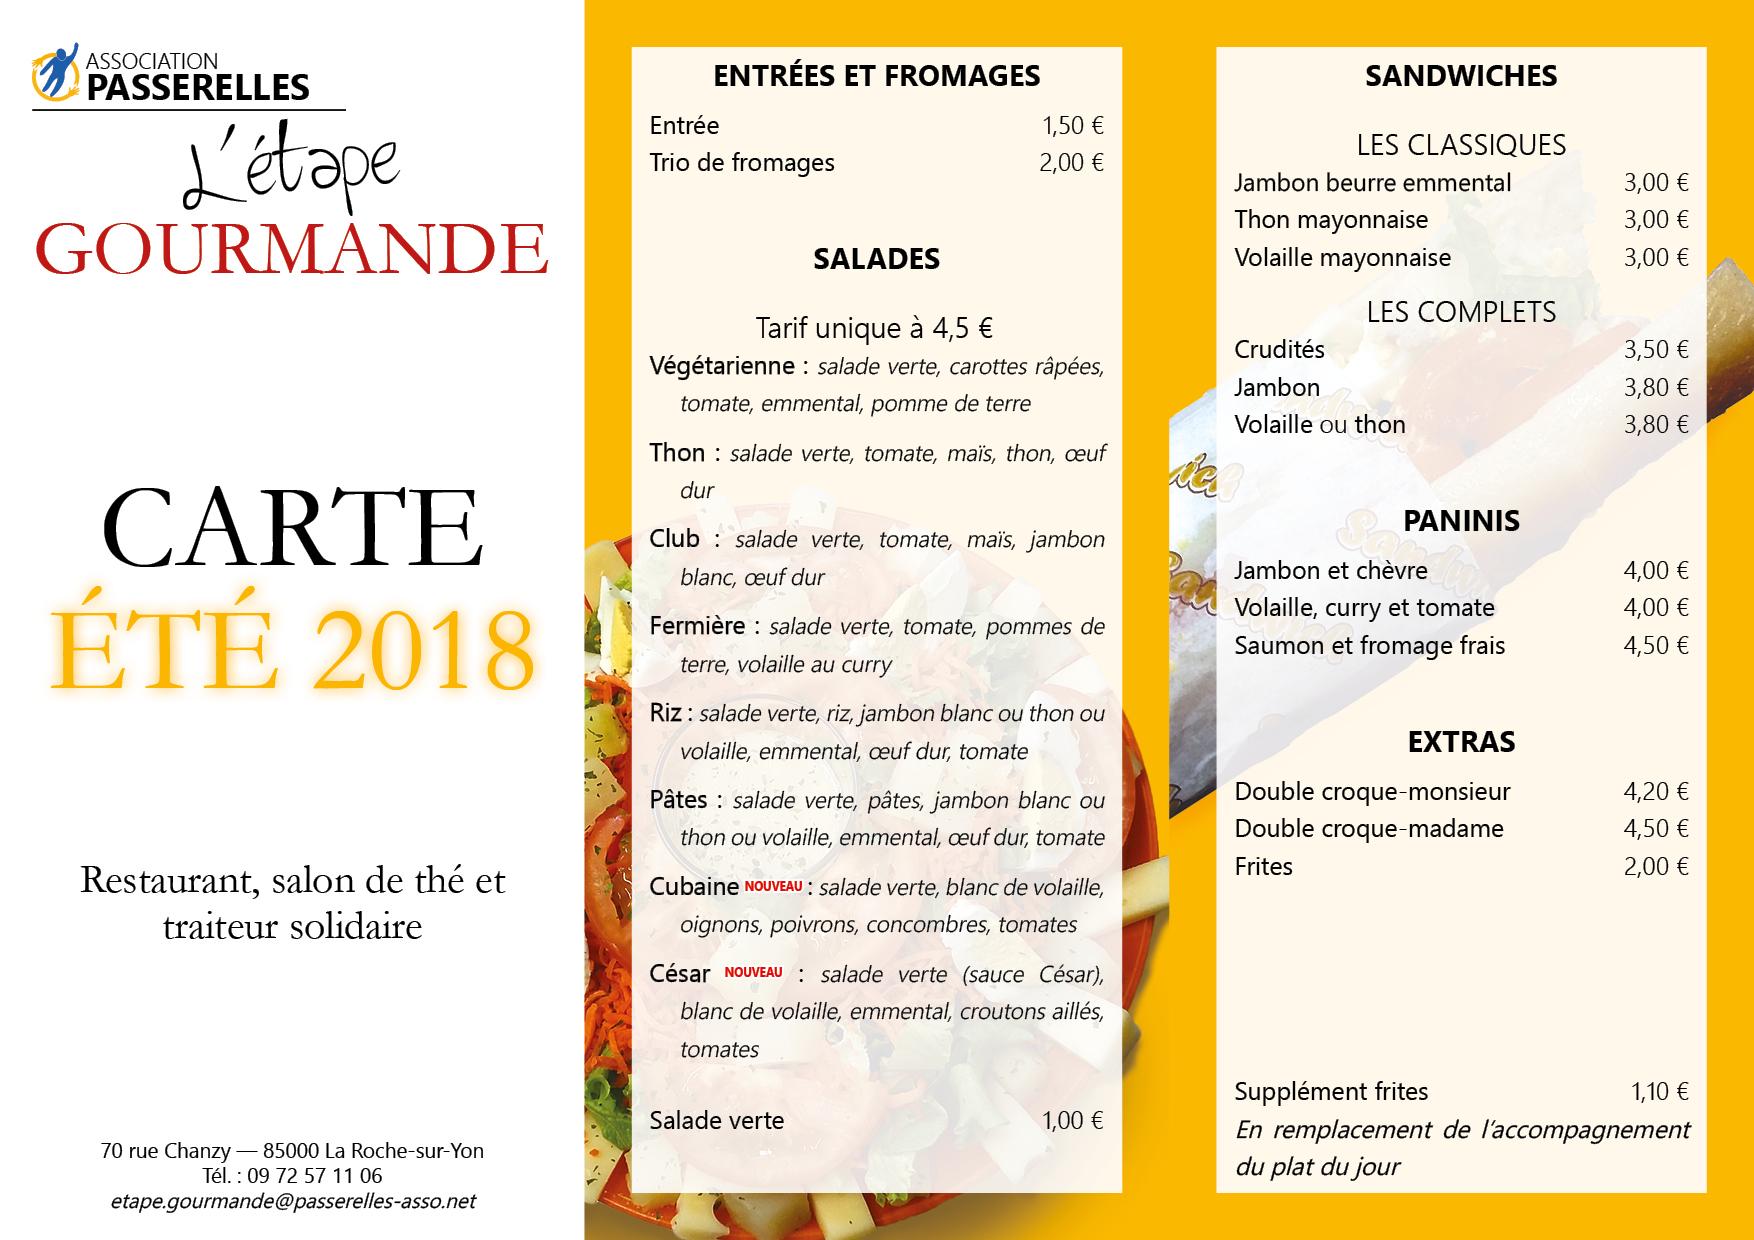 menu-vf_hd_num_p1